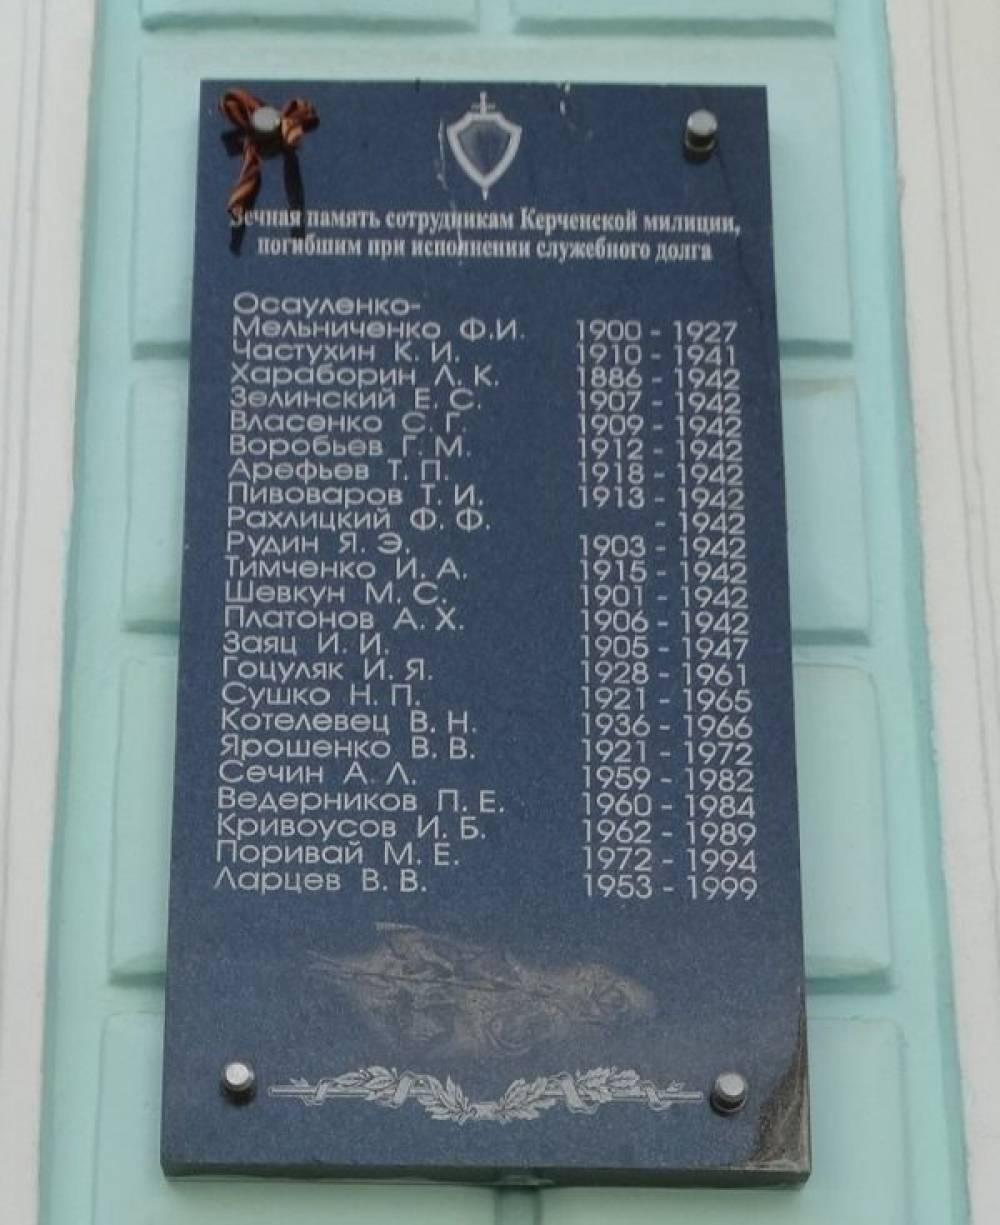 8 ноября – памятная дата для многих семей правоохранителей. В этот день вспоминают погибших при исполнении служебного долга сотрудников органов внутренних дел и военнослужащих внутренних войск МВД России.